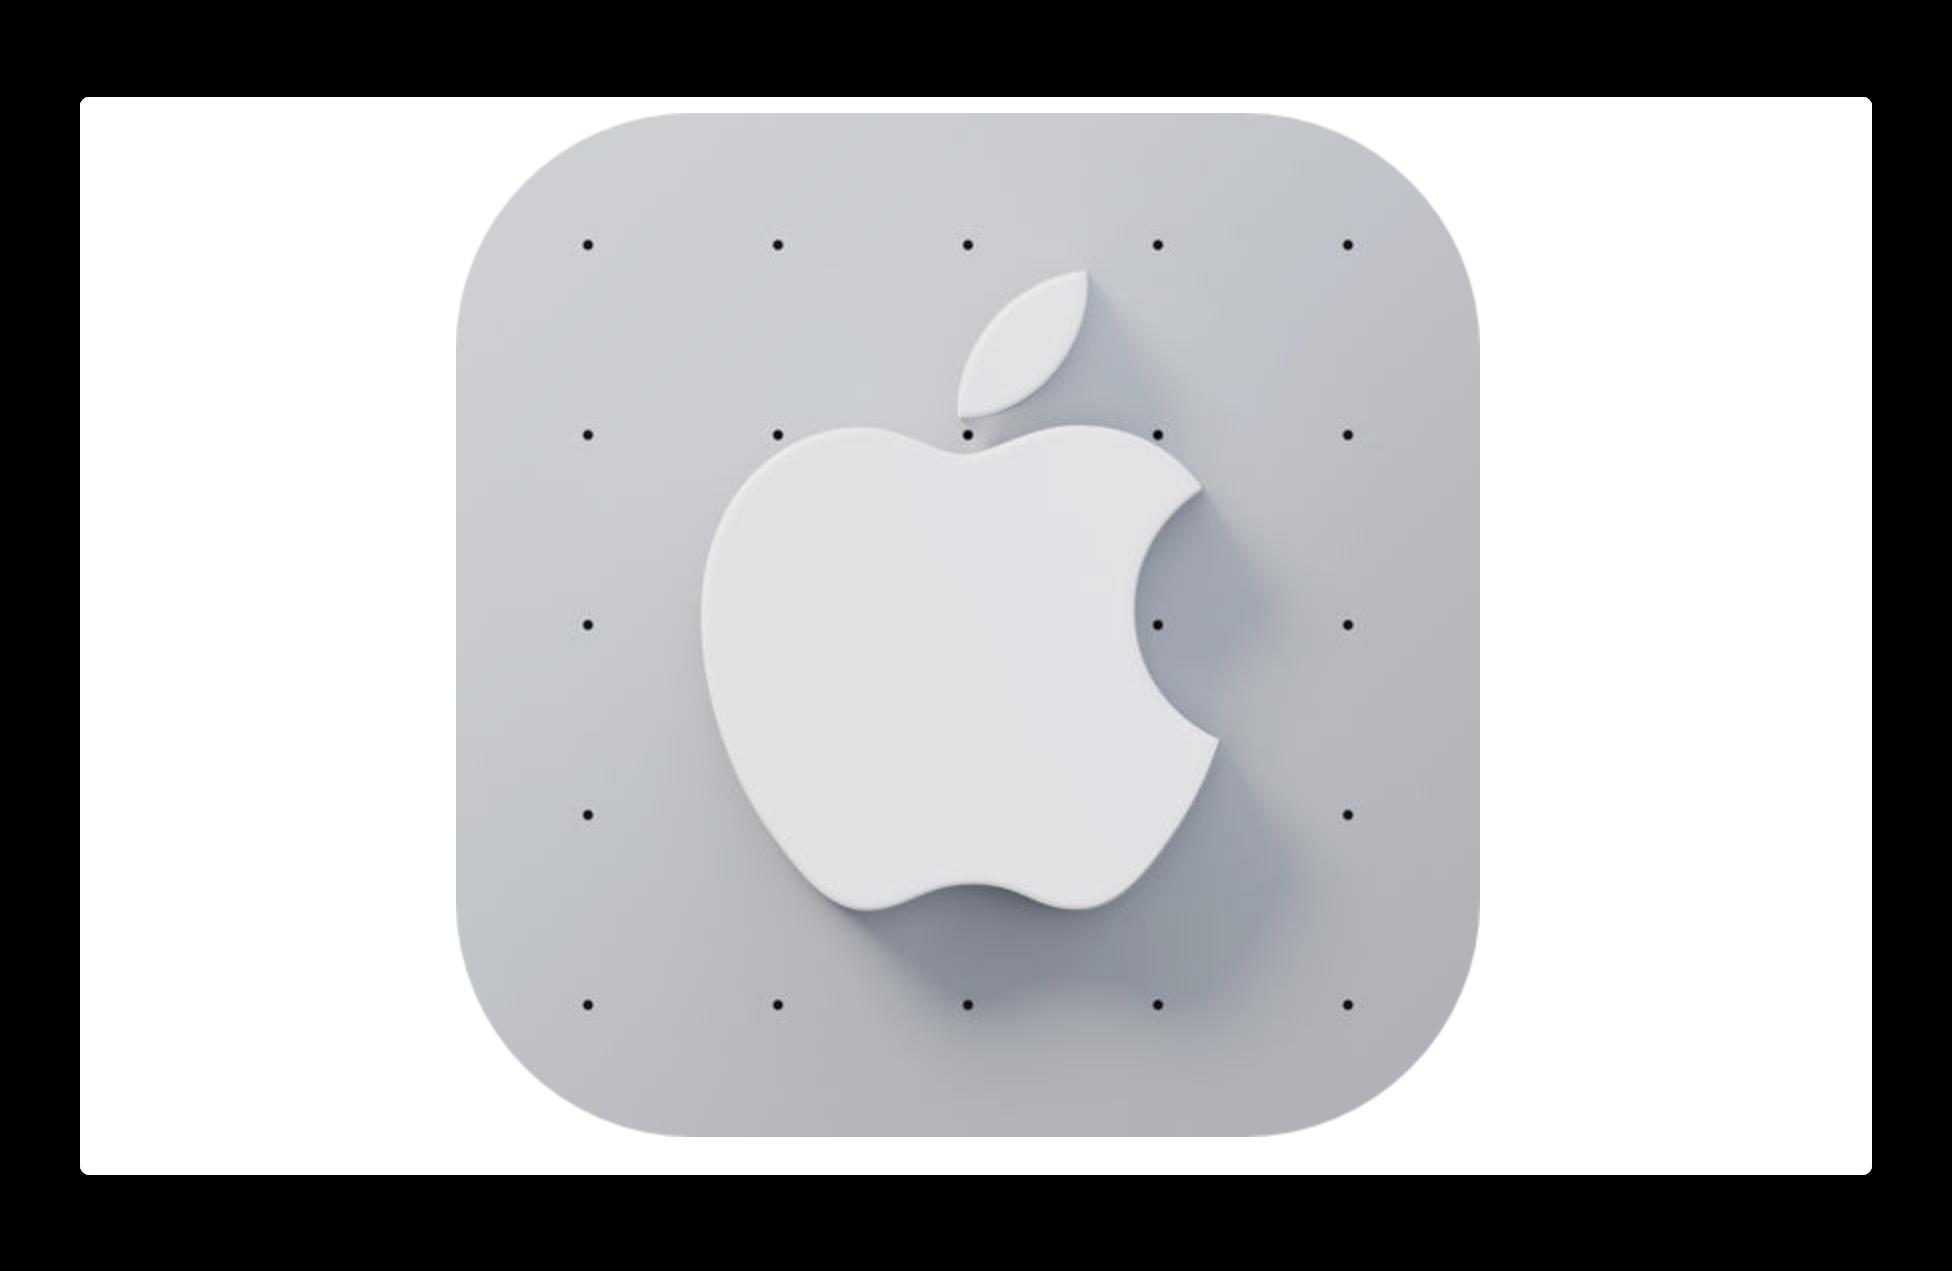 Apple、新しいiPad Proをサポートしたアプリ「WWDC 7.1」をリリース